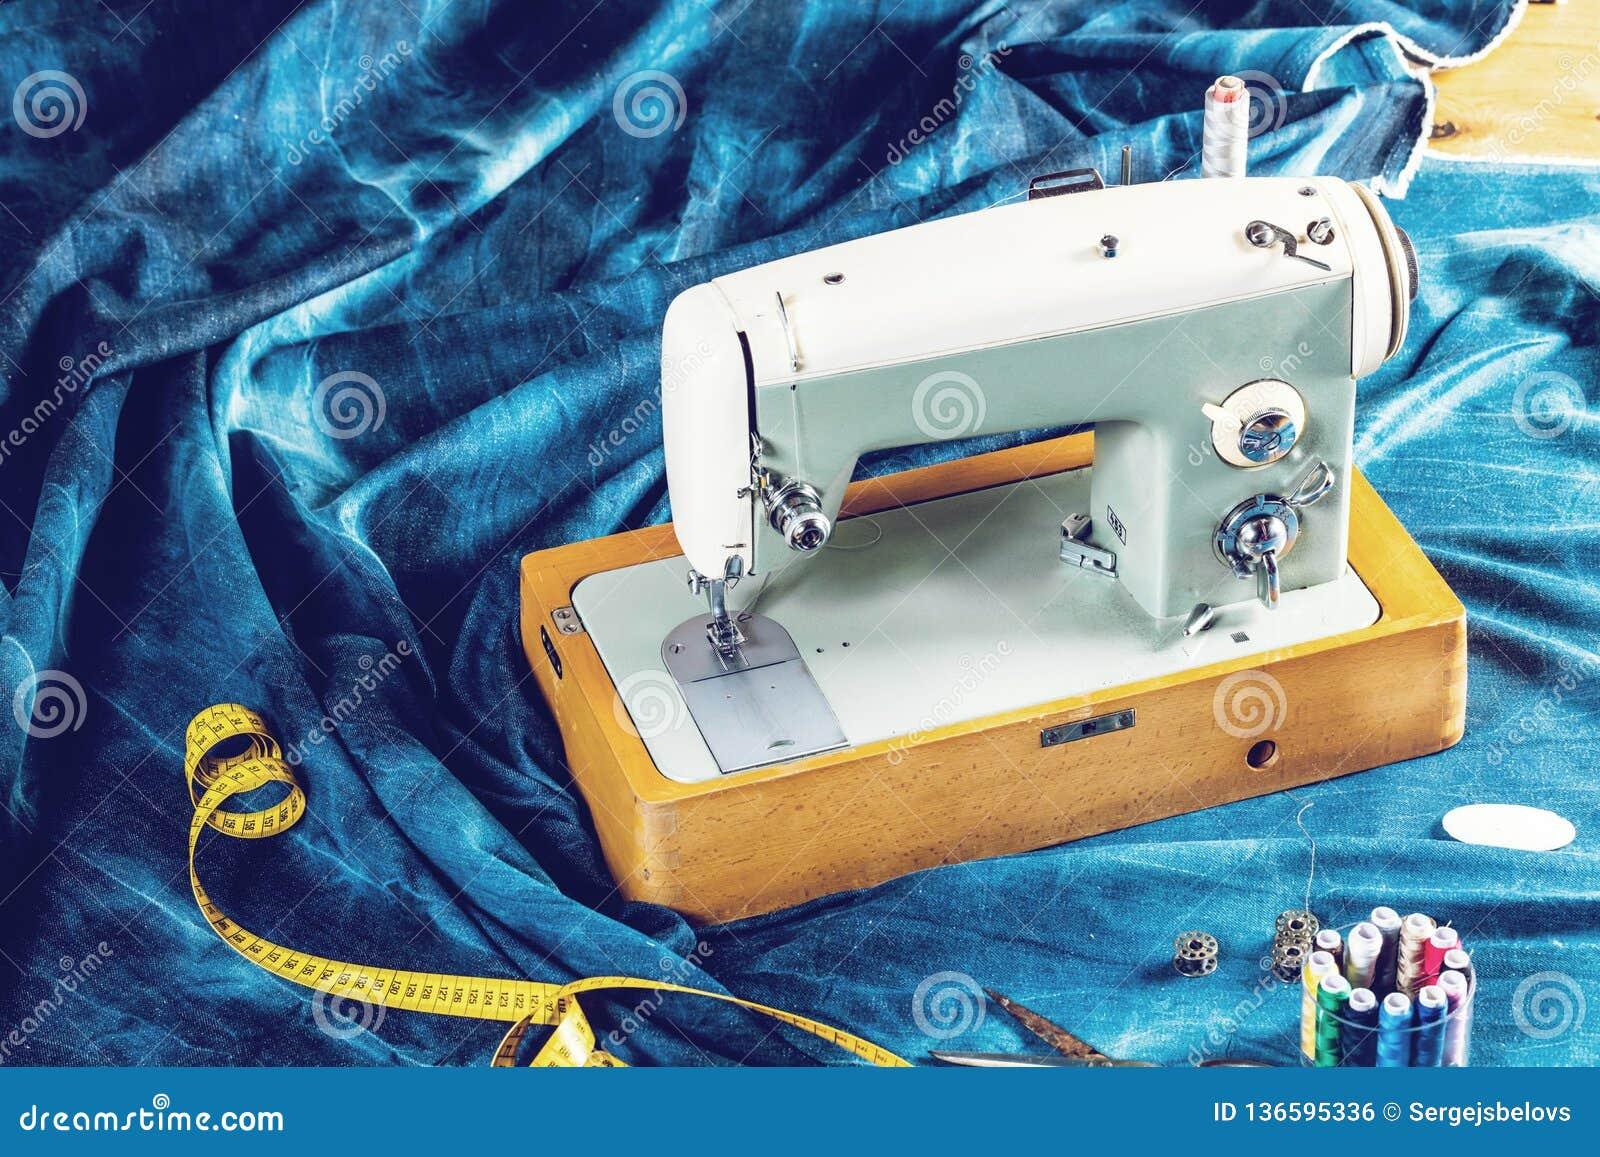 Vaqueros de costura con la máquina de coser, concepto industrial del dril de algodón del añil de la ropa